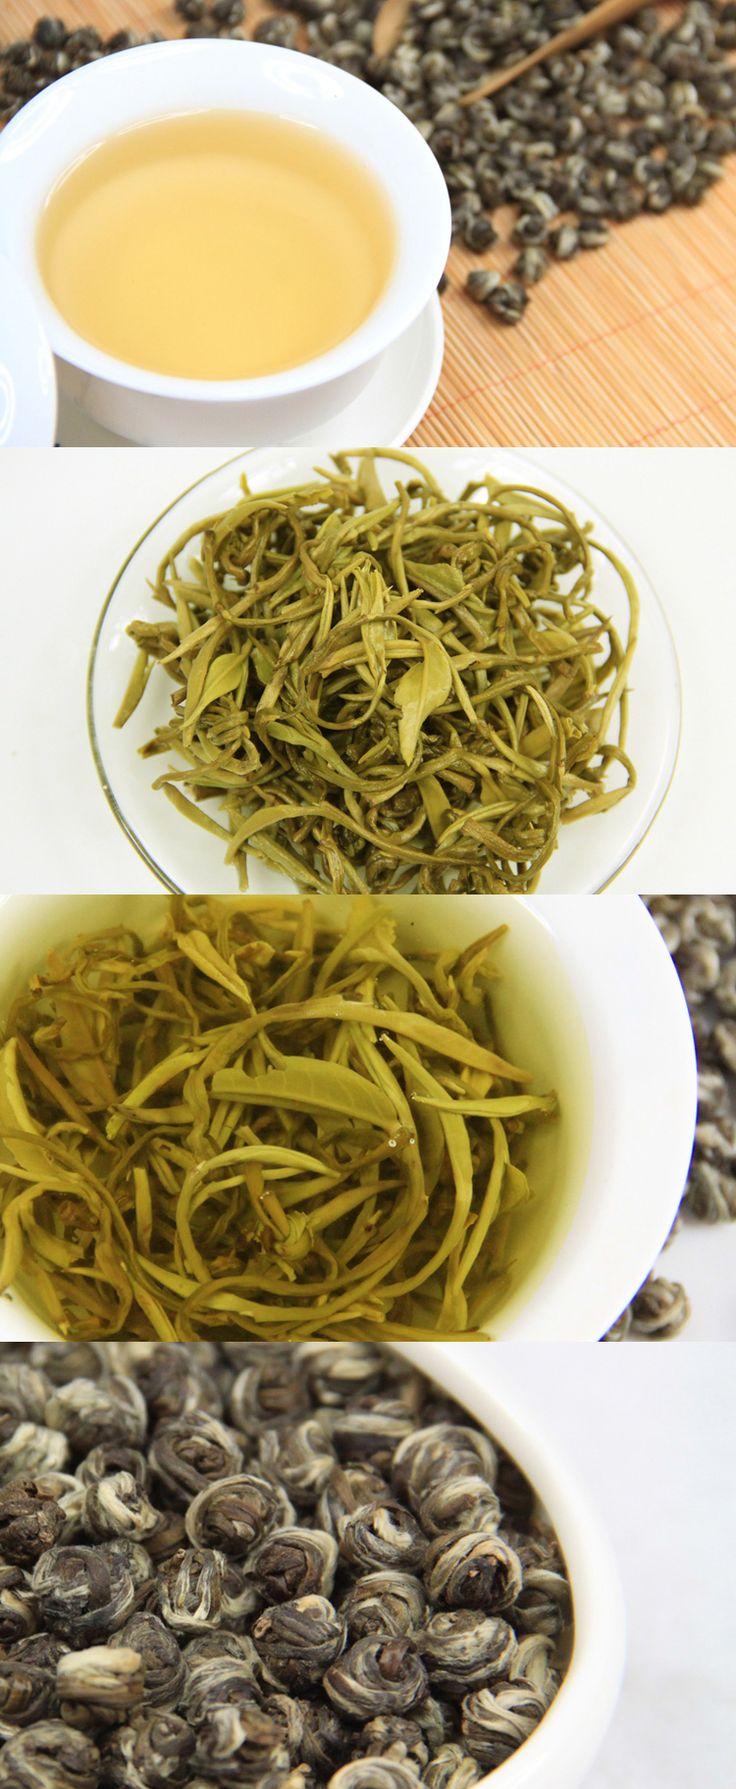 250g 2017 FRESH Organic Premium chinese jasmine green tea Jasmine Dragon Pearl Fragrance GREEN TEA jasmine pearl tea